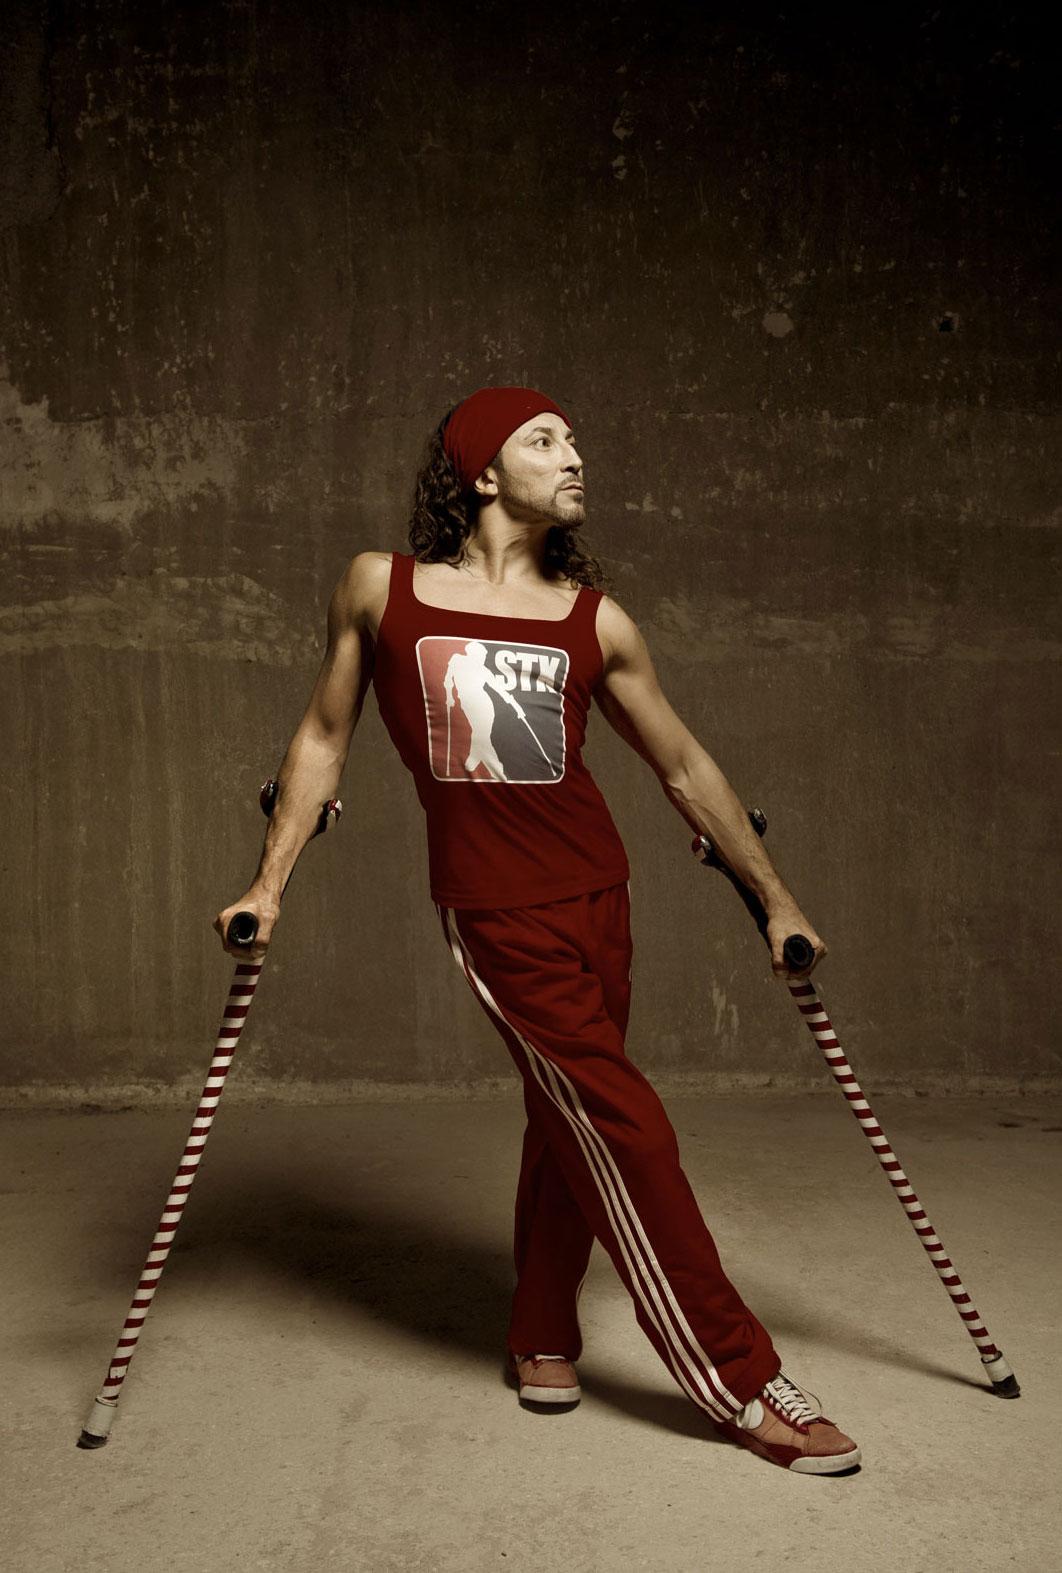 break-dancer-on-crutches-2.jpg